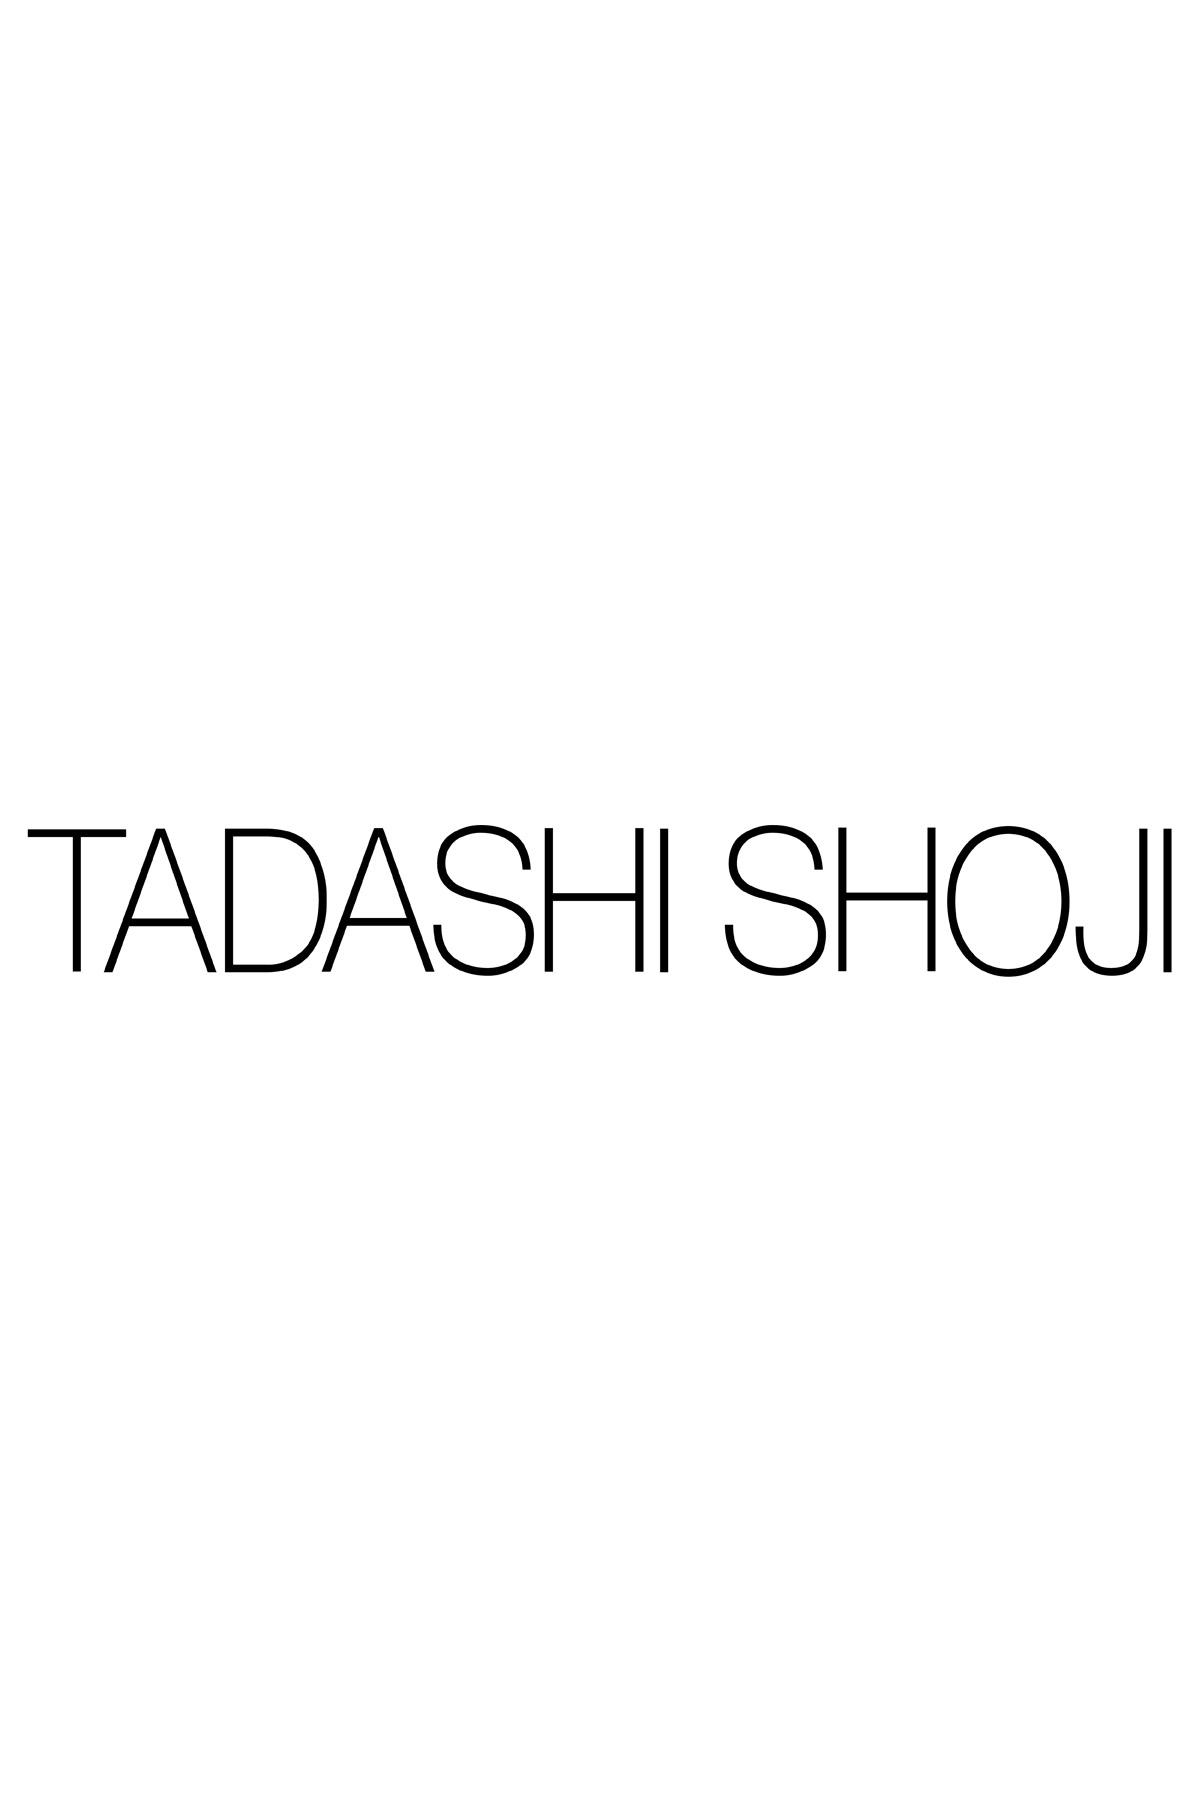 Okimi Off-Shoulder Dress